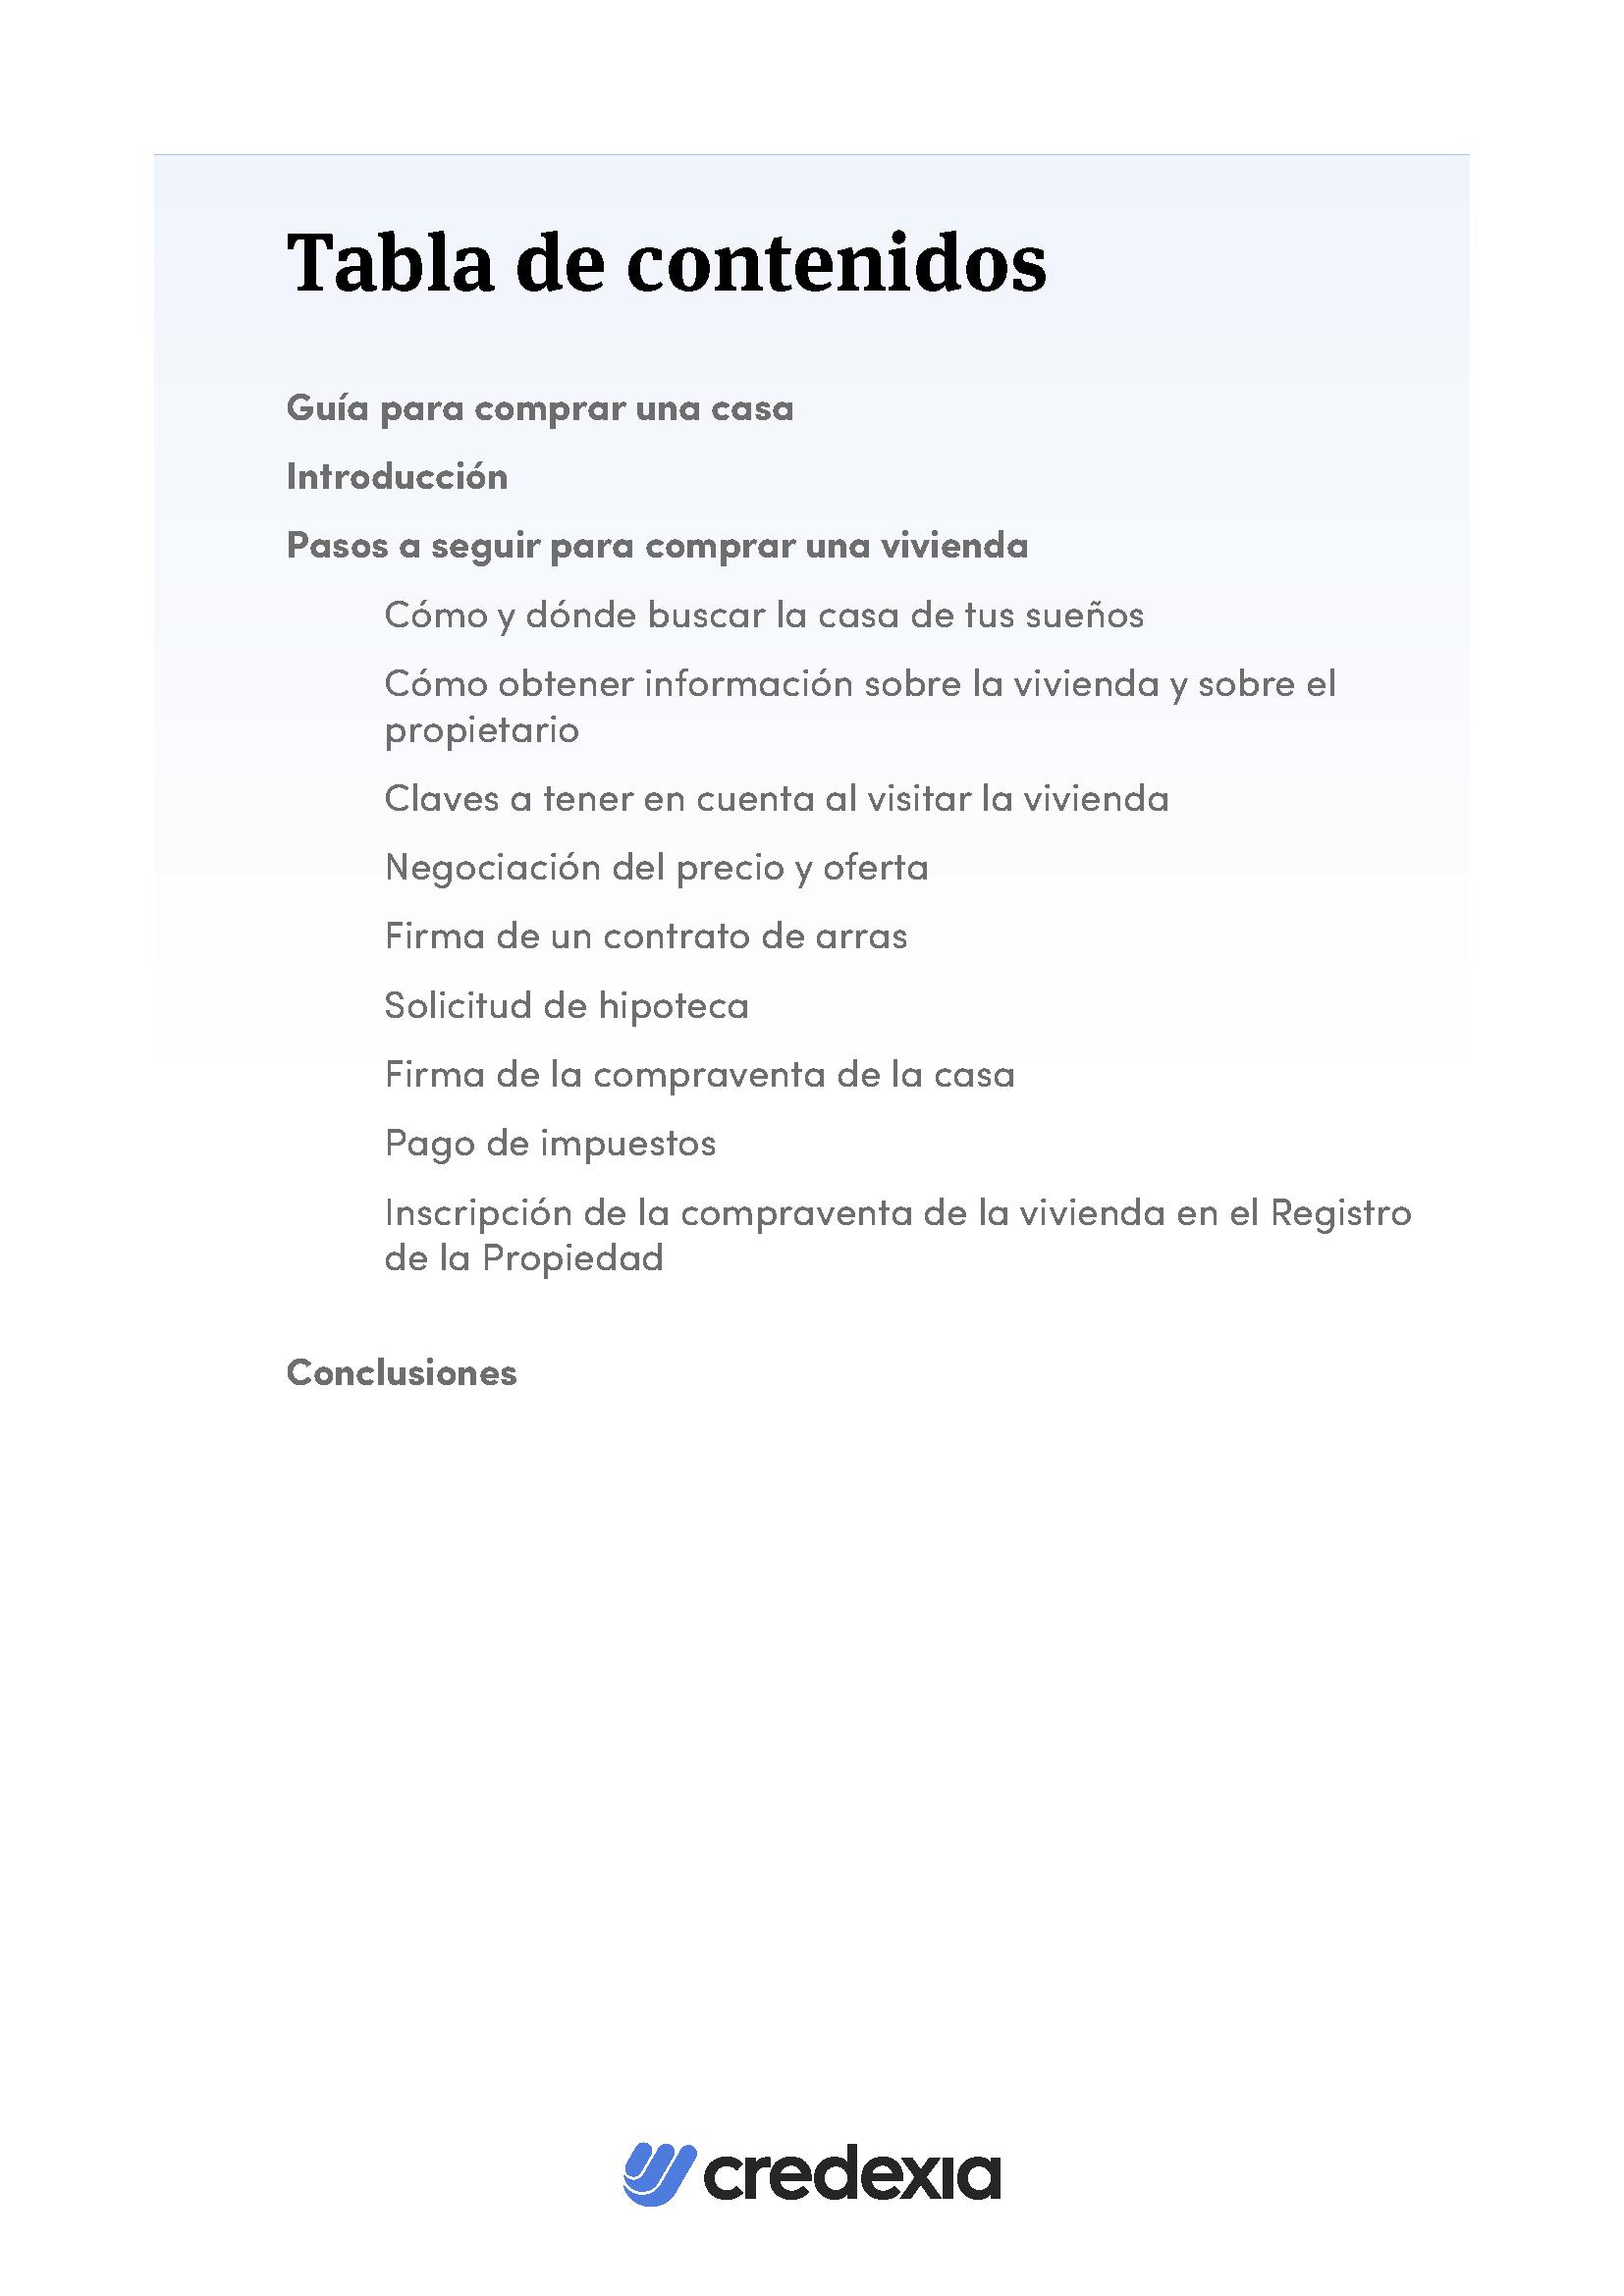 CRE - Guía para comprar una casa - eBook - FOSC_Página_02